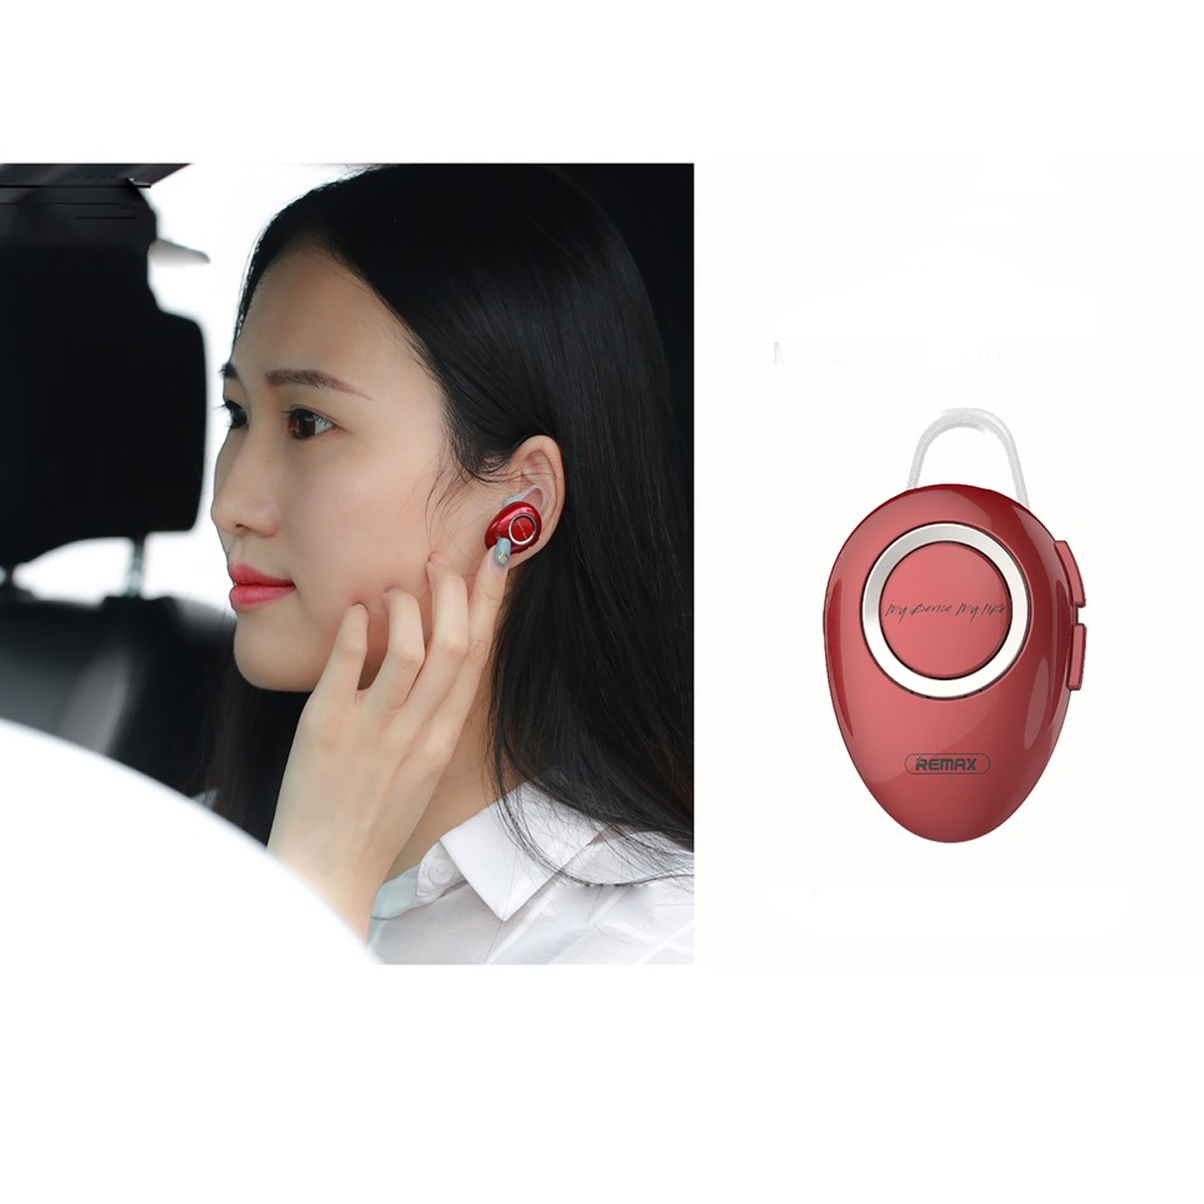 Tai Nghe Bluetooth V4.2 Nhét Tai Remax RB-T22 Hạt Đậu + Tặng Iring Khay - Chính hãng